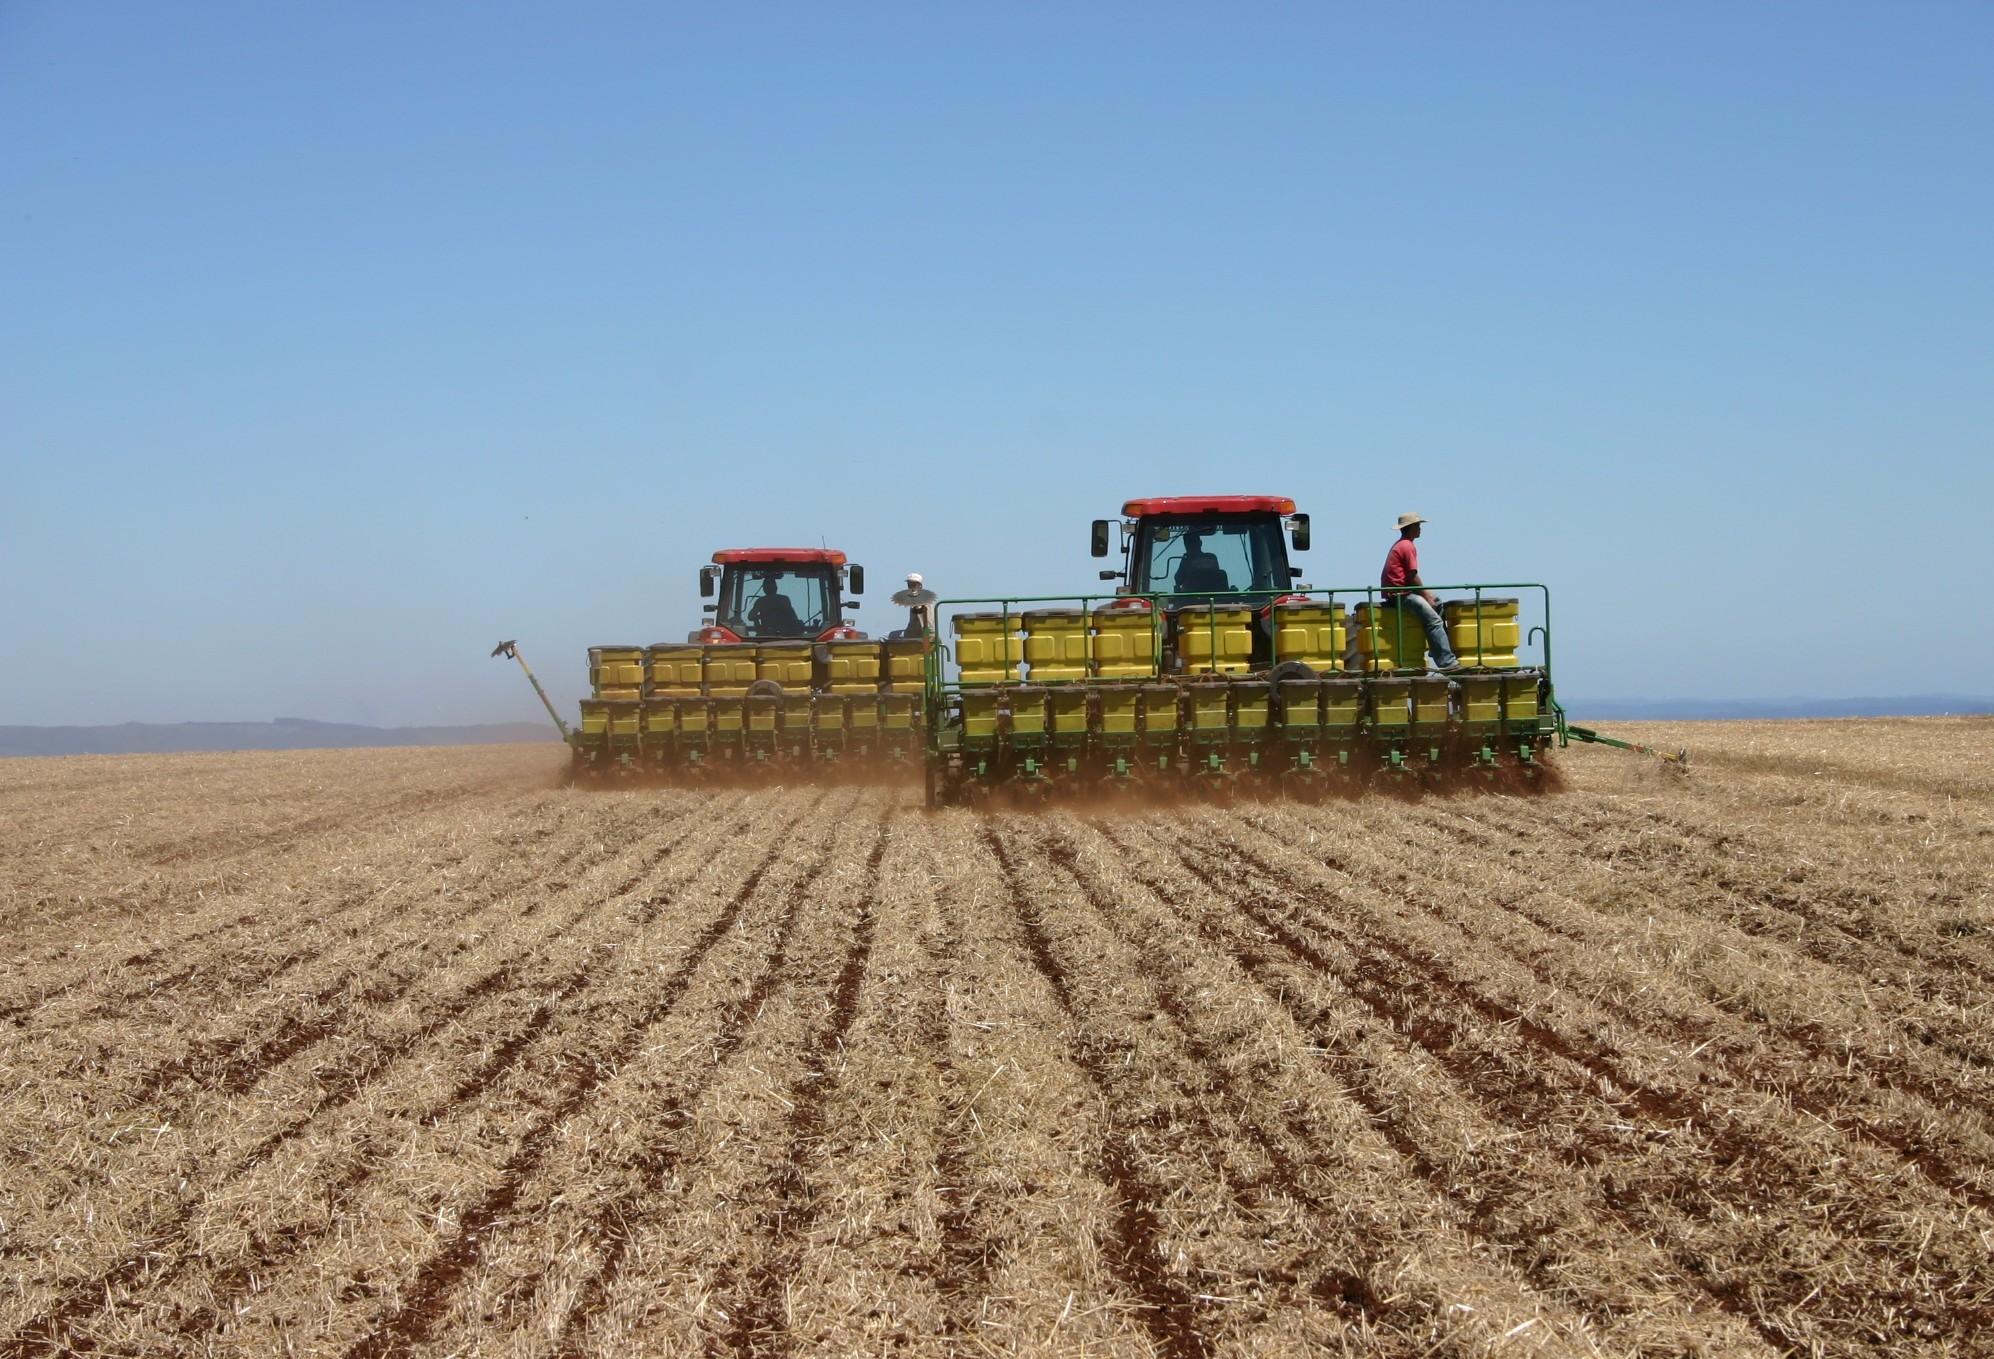 Por conta da umidade, trabalhos no campo estão paralisados